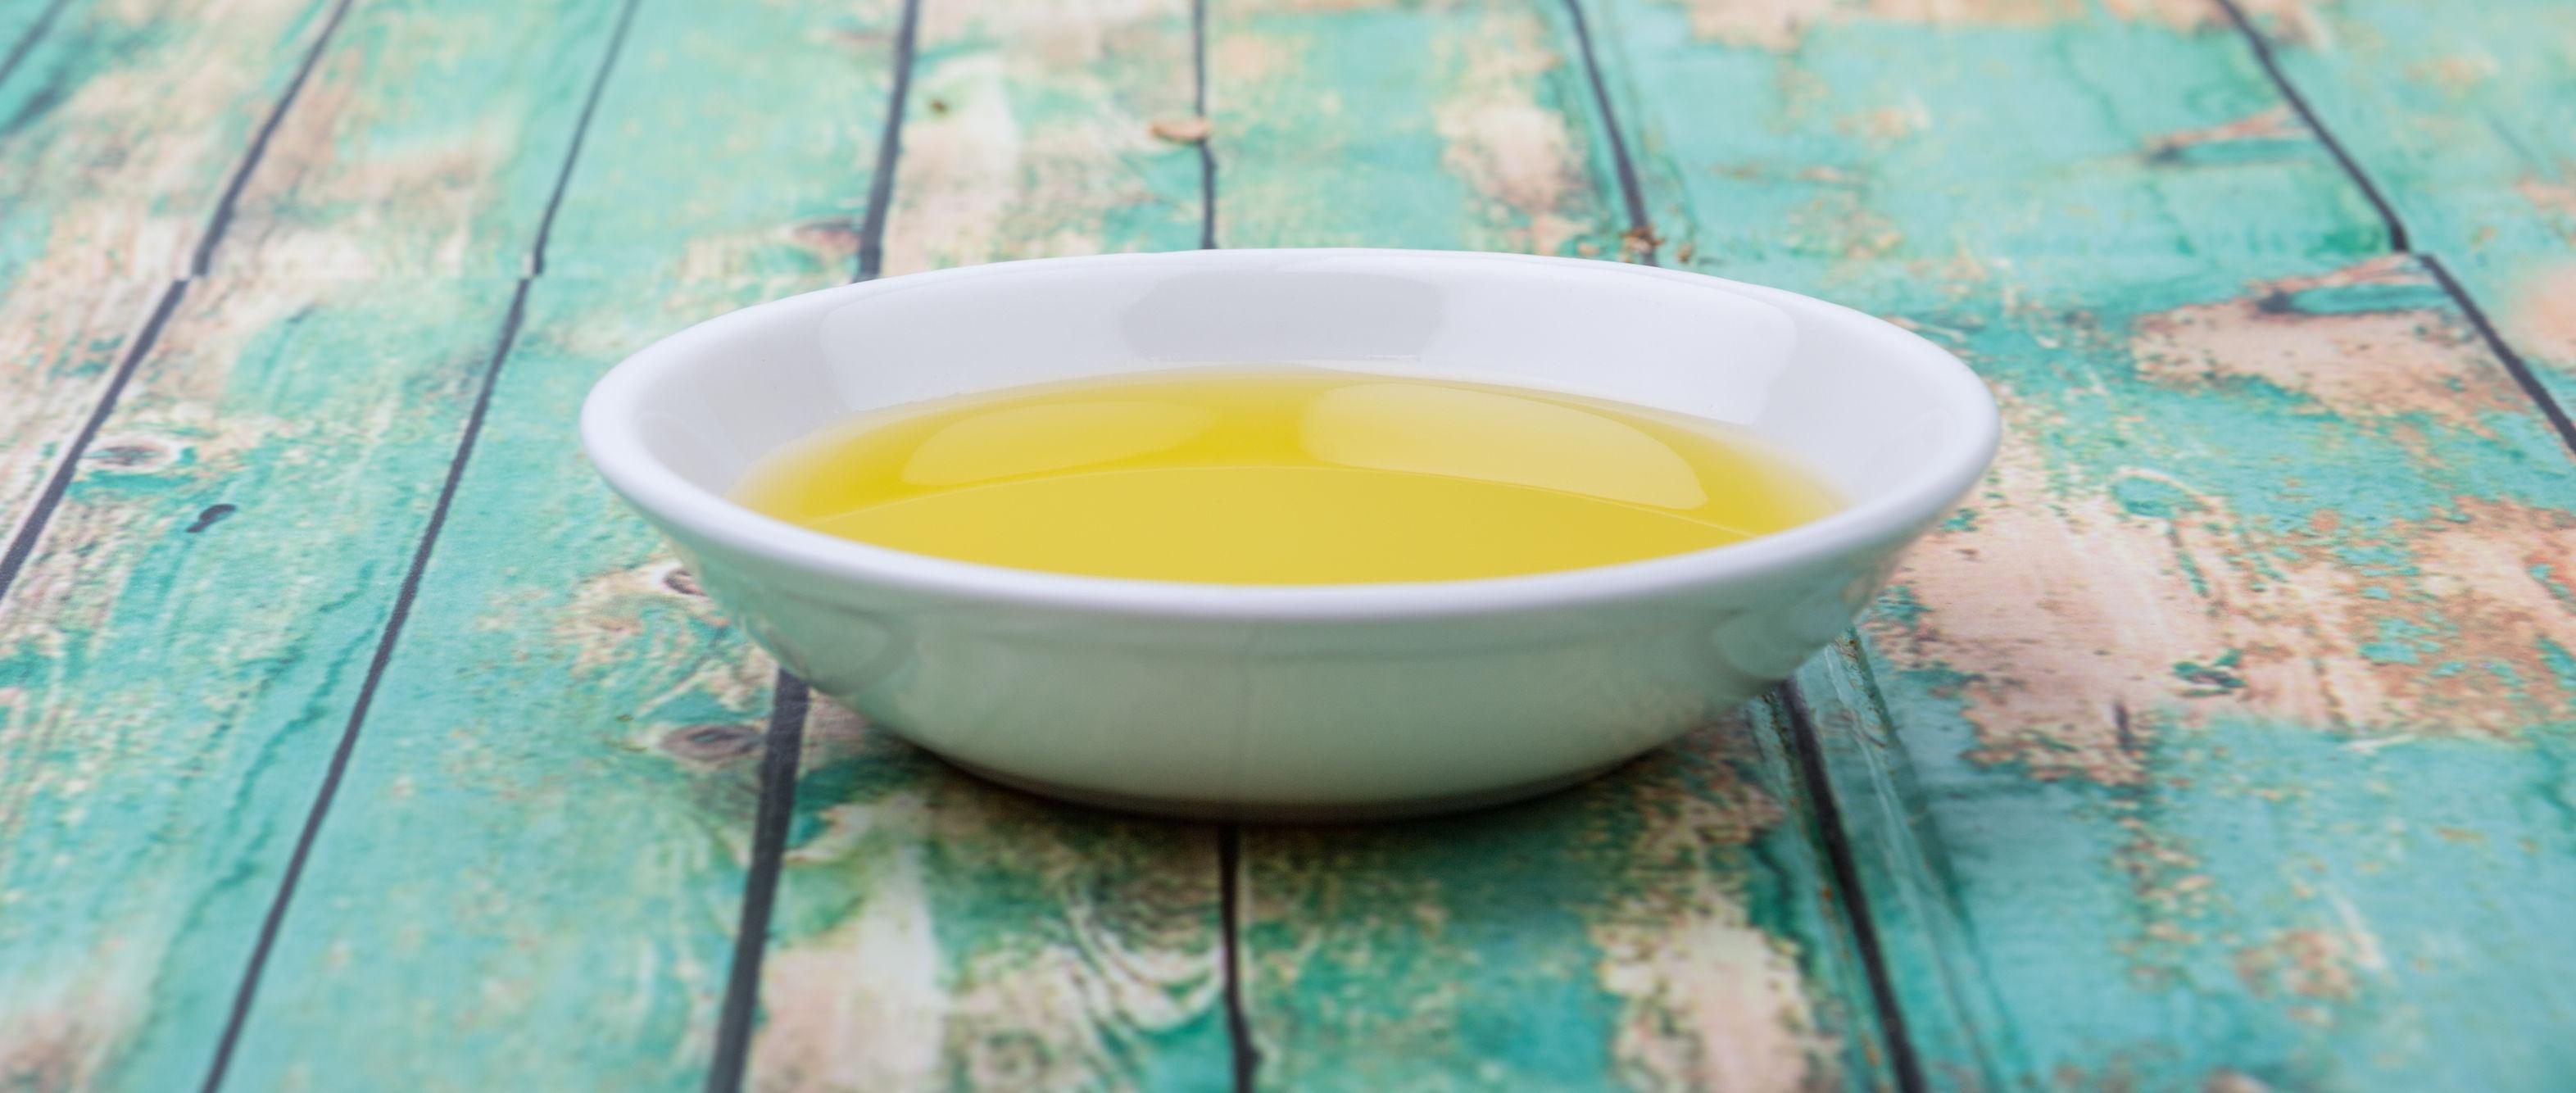 Trei uleiuri pentru a-ţi reinventa preparatele